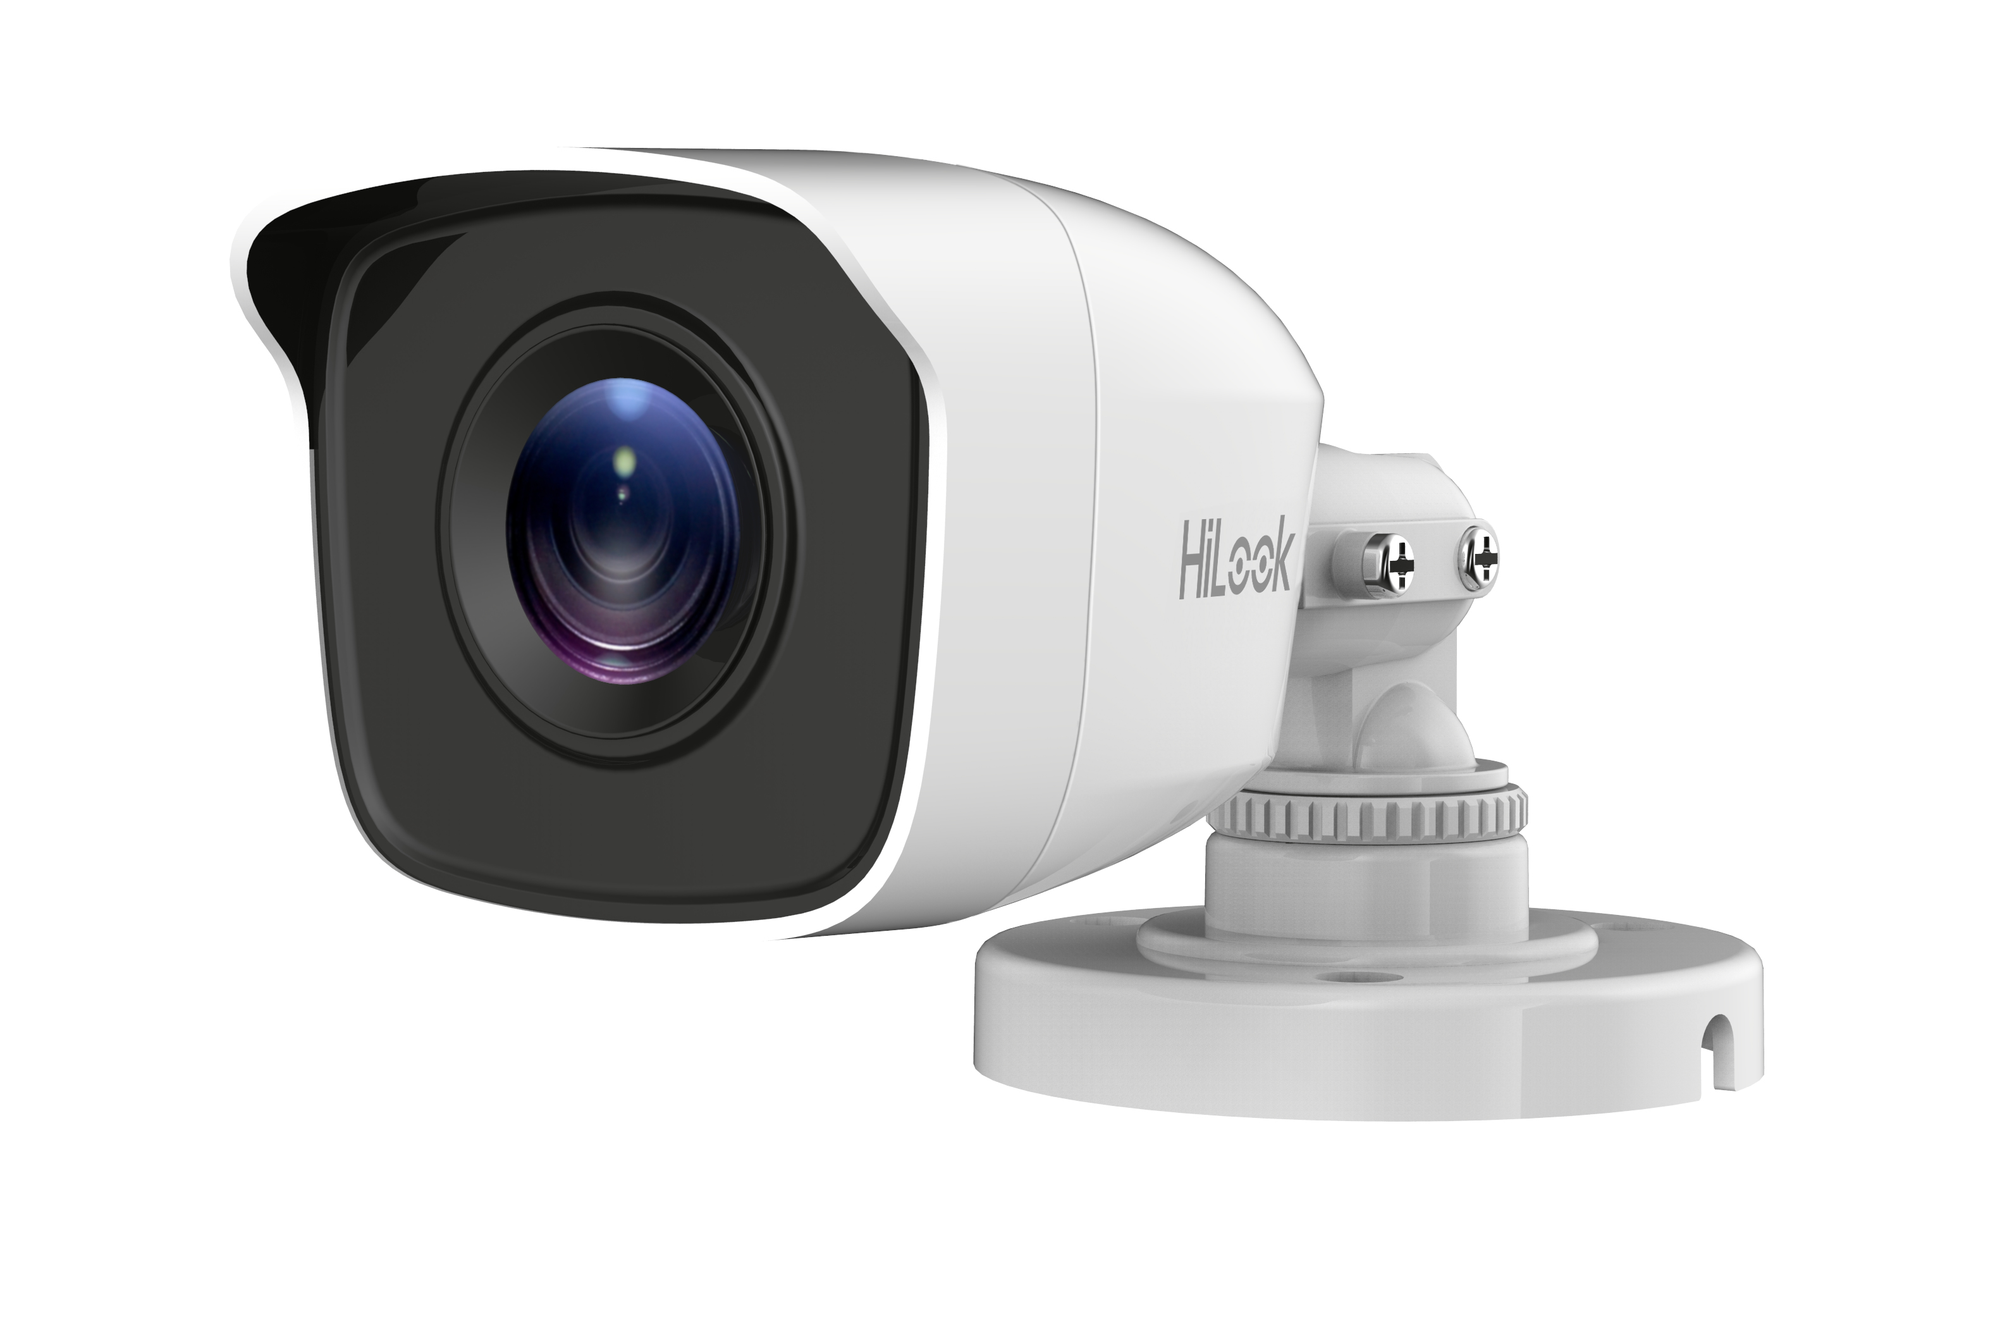 THC-B140-M CCTV SECURITY CAMERA INTERIOR Y EXTERIOR BALA BLANCO 2560 X 1440PIXELES CáMARA DE VIGILANCIA